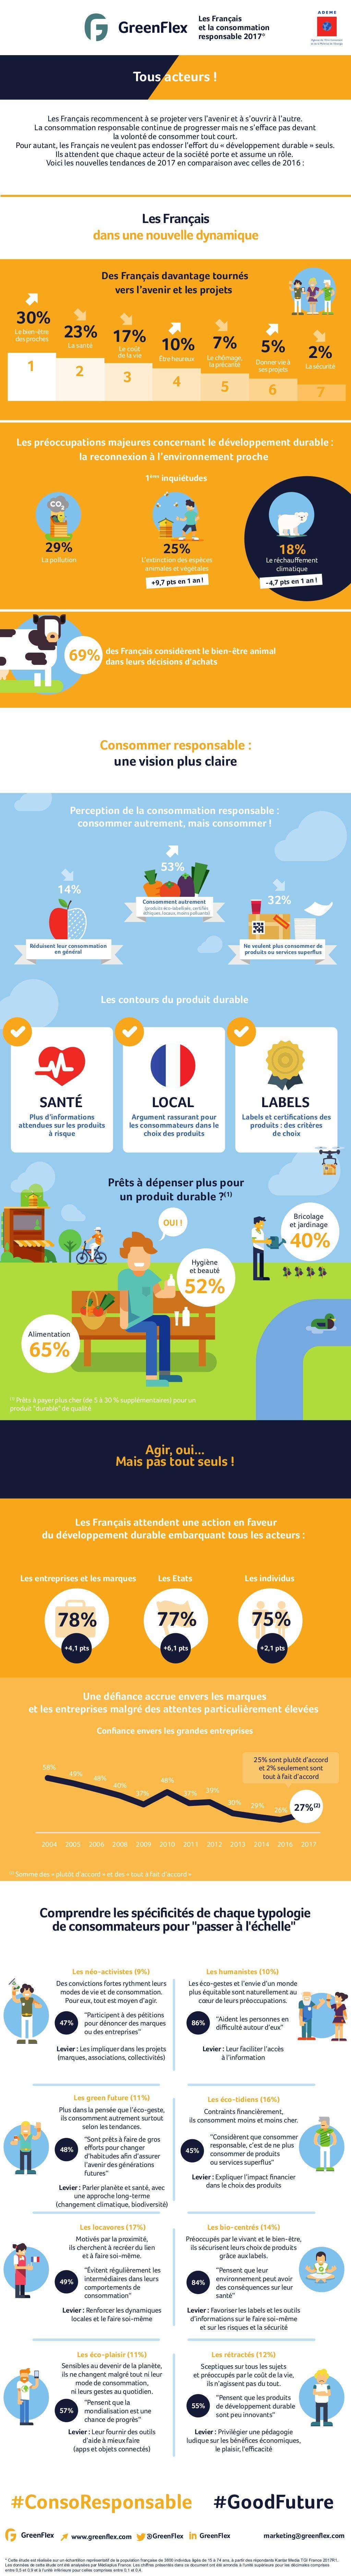 Infographie Greenflex sur la consommation responsable en France